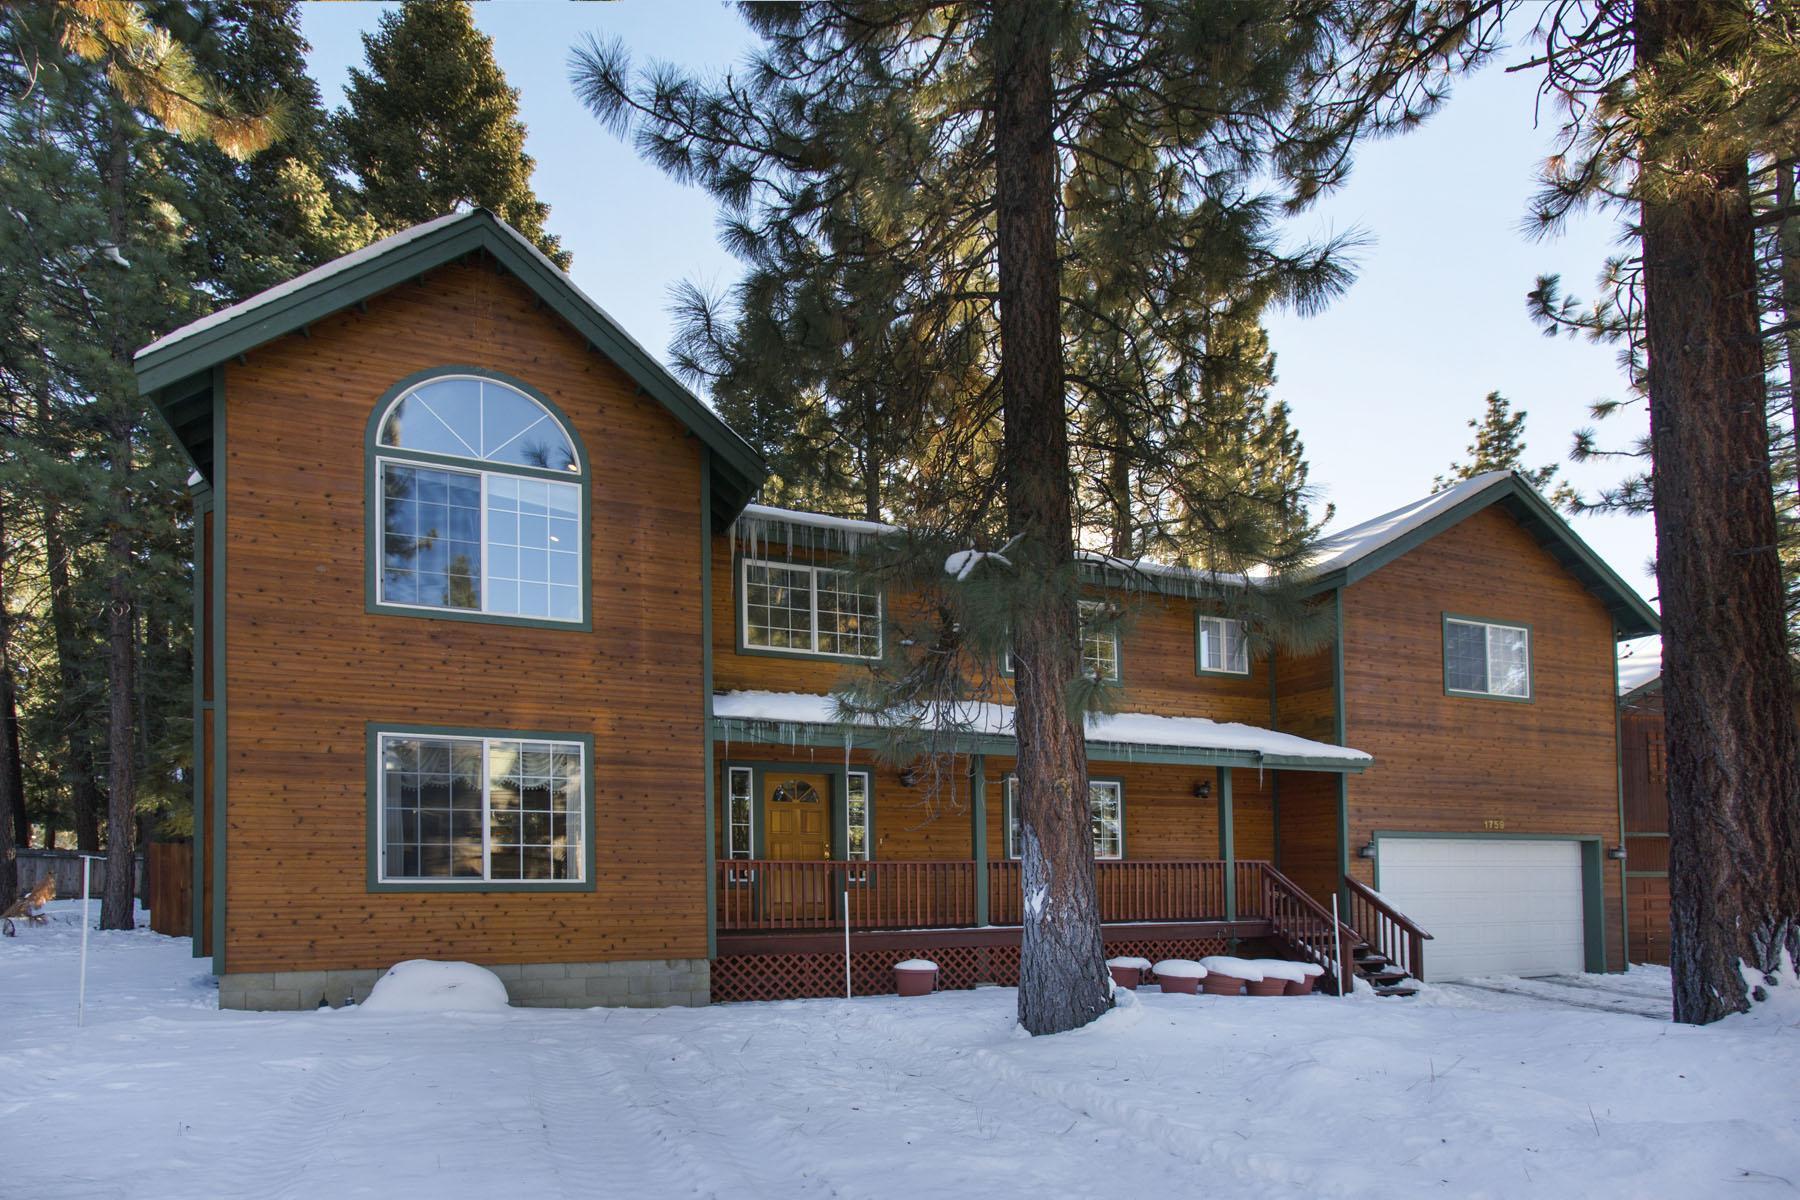 Tahoe, Gentian Home Winter Exterior